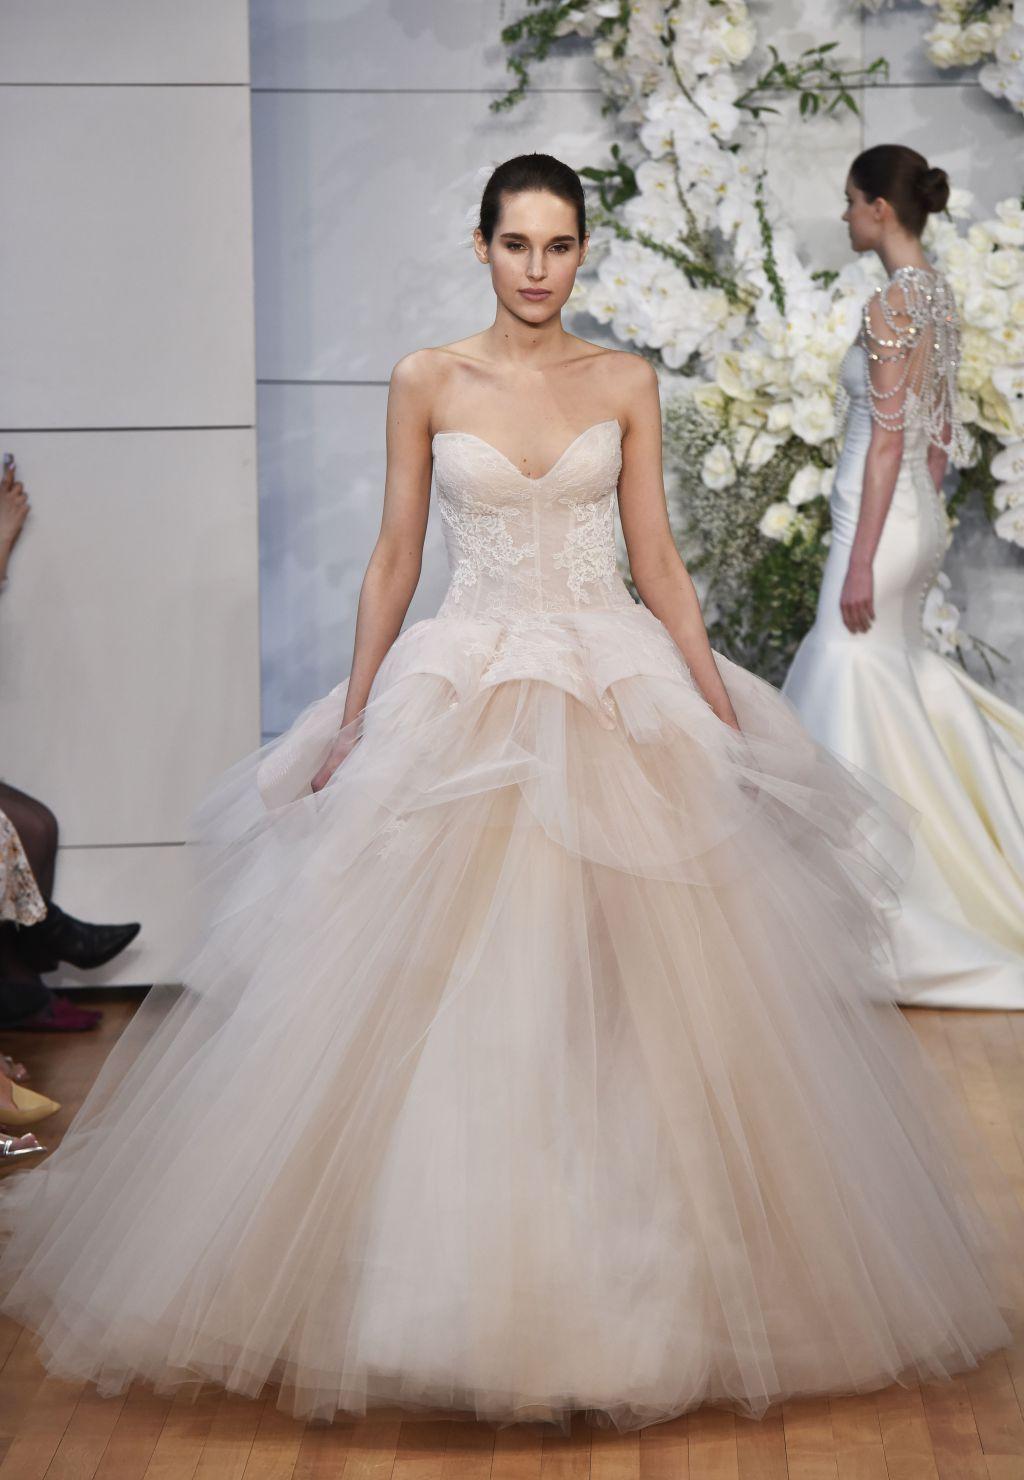 Свадебное платье 2018 пышное с корсетом